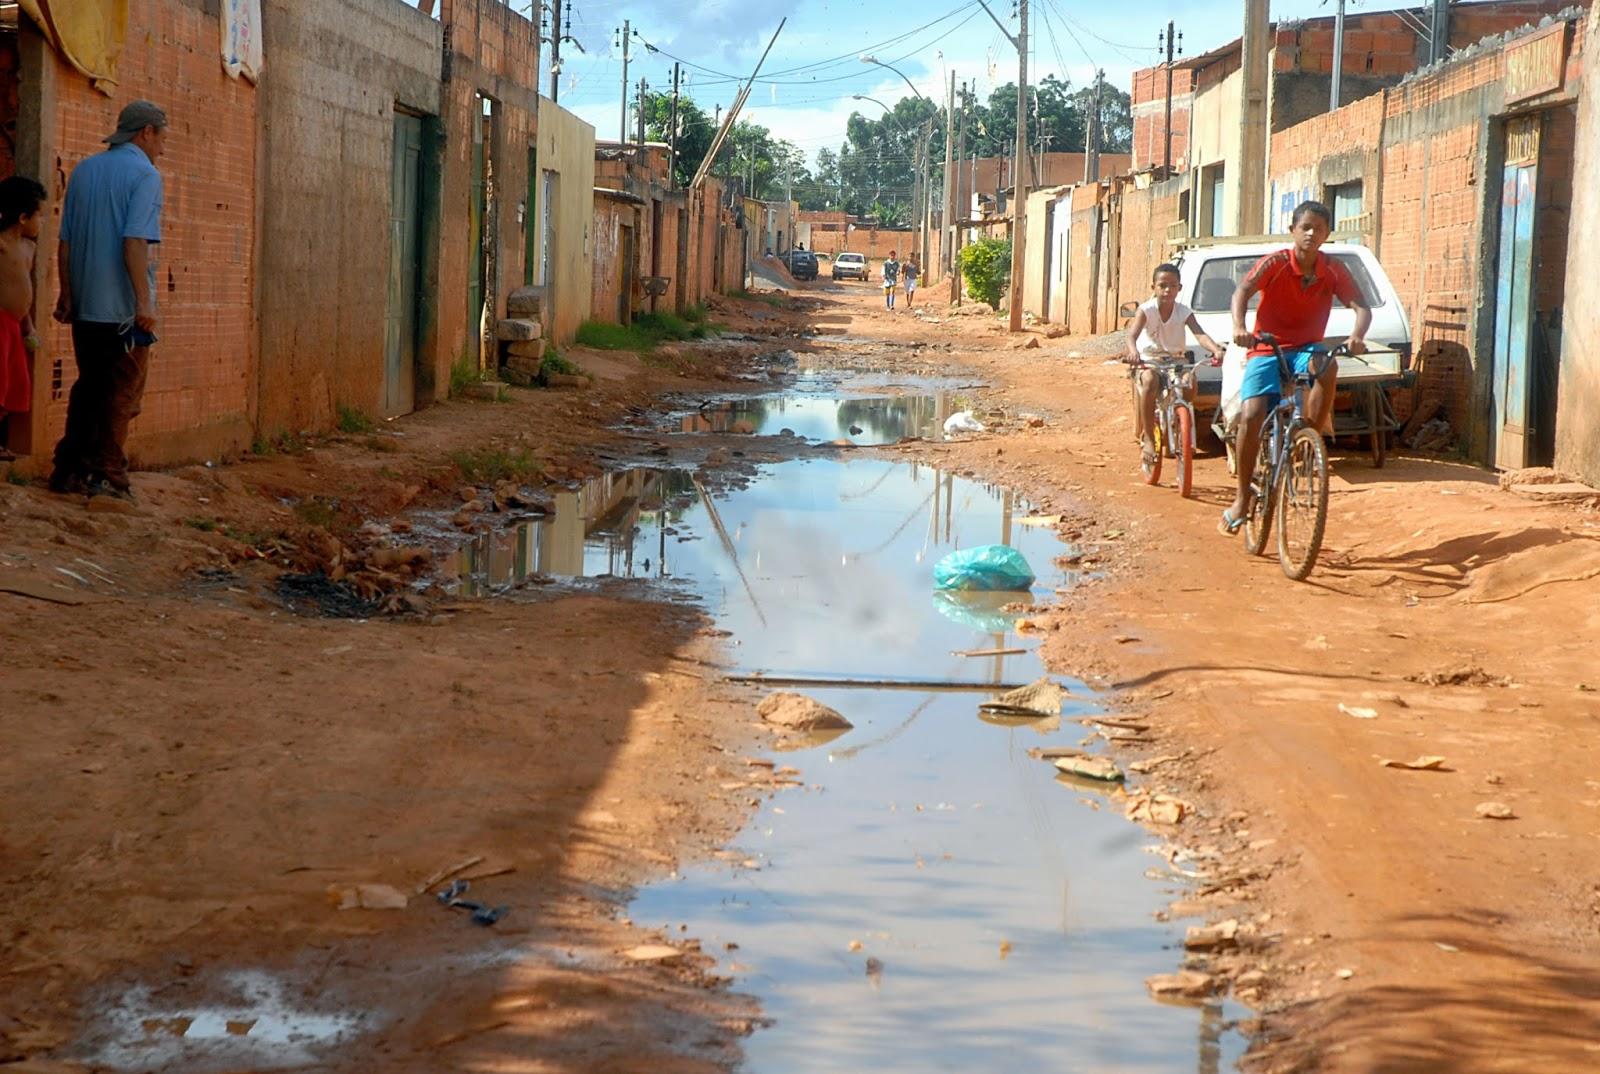 governo-contrata-servicos-de-consultoria-para-elaboracao-de-planos-de-saneamento-basico-